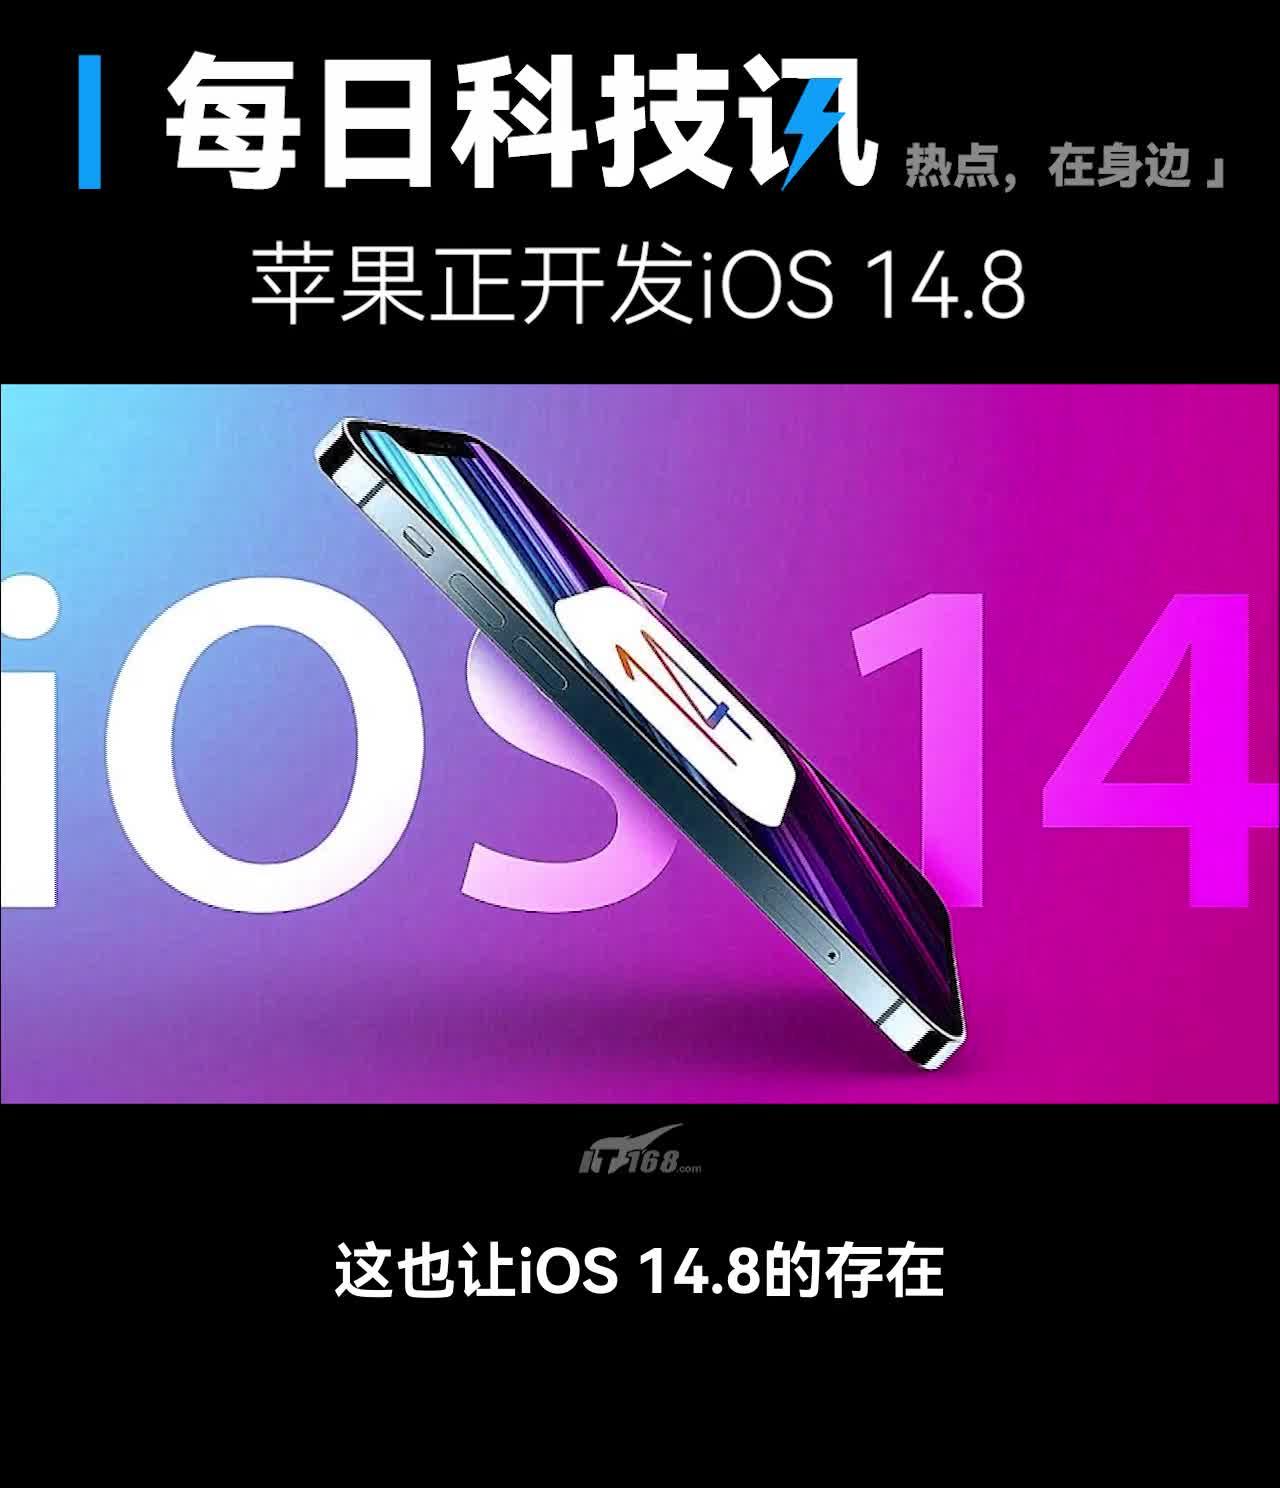 【史上首次:iOS 14.8首次现身】